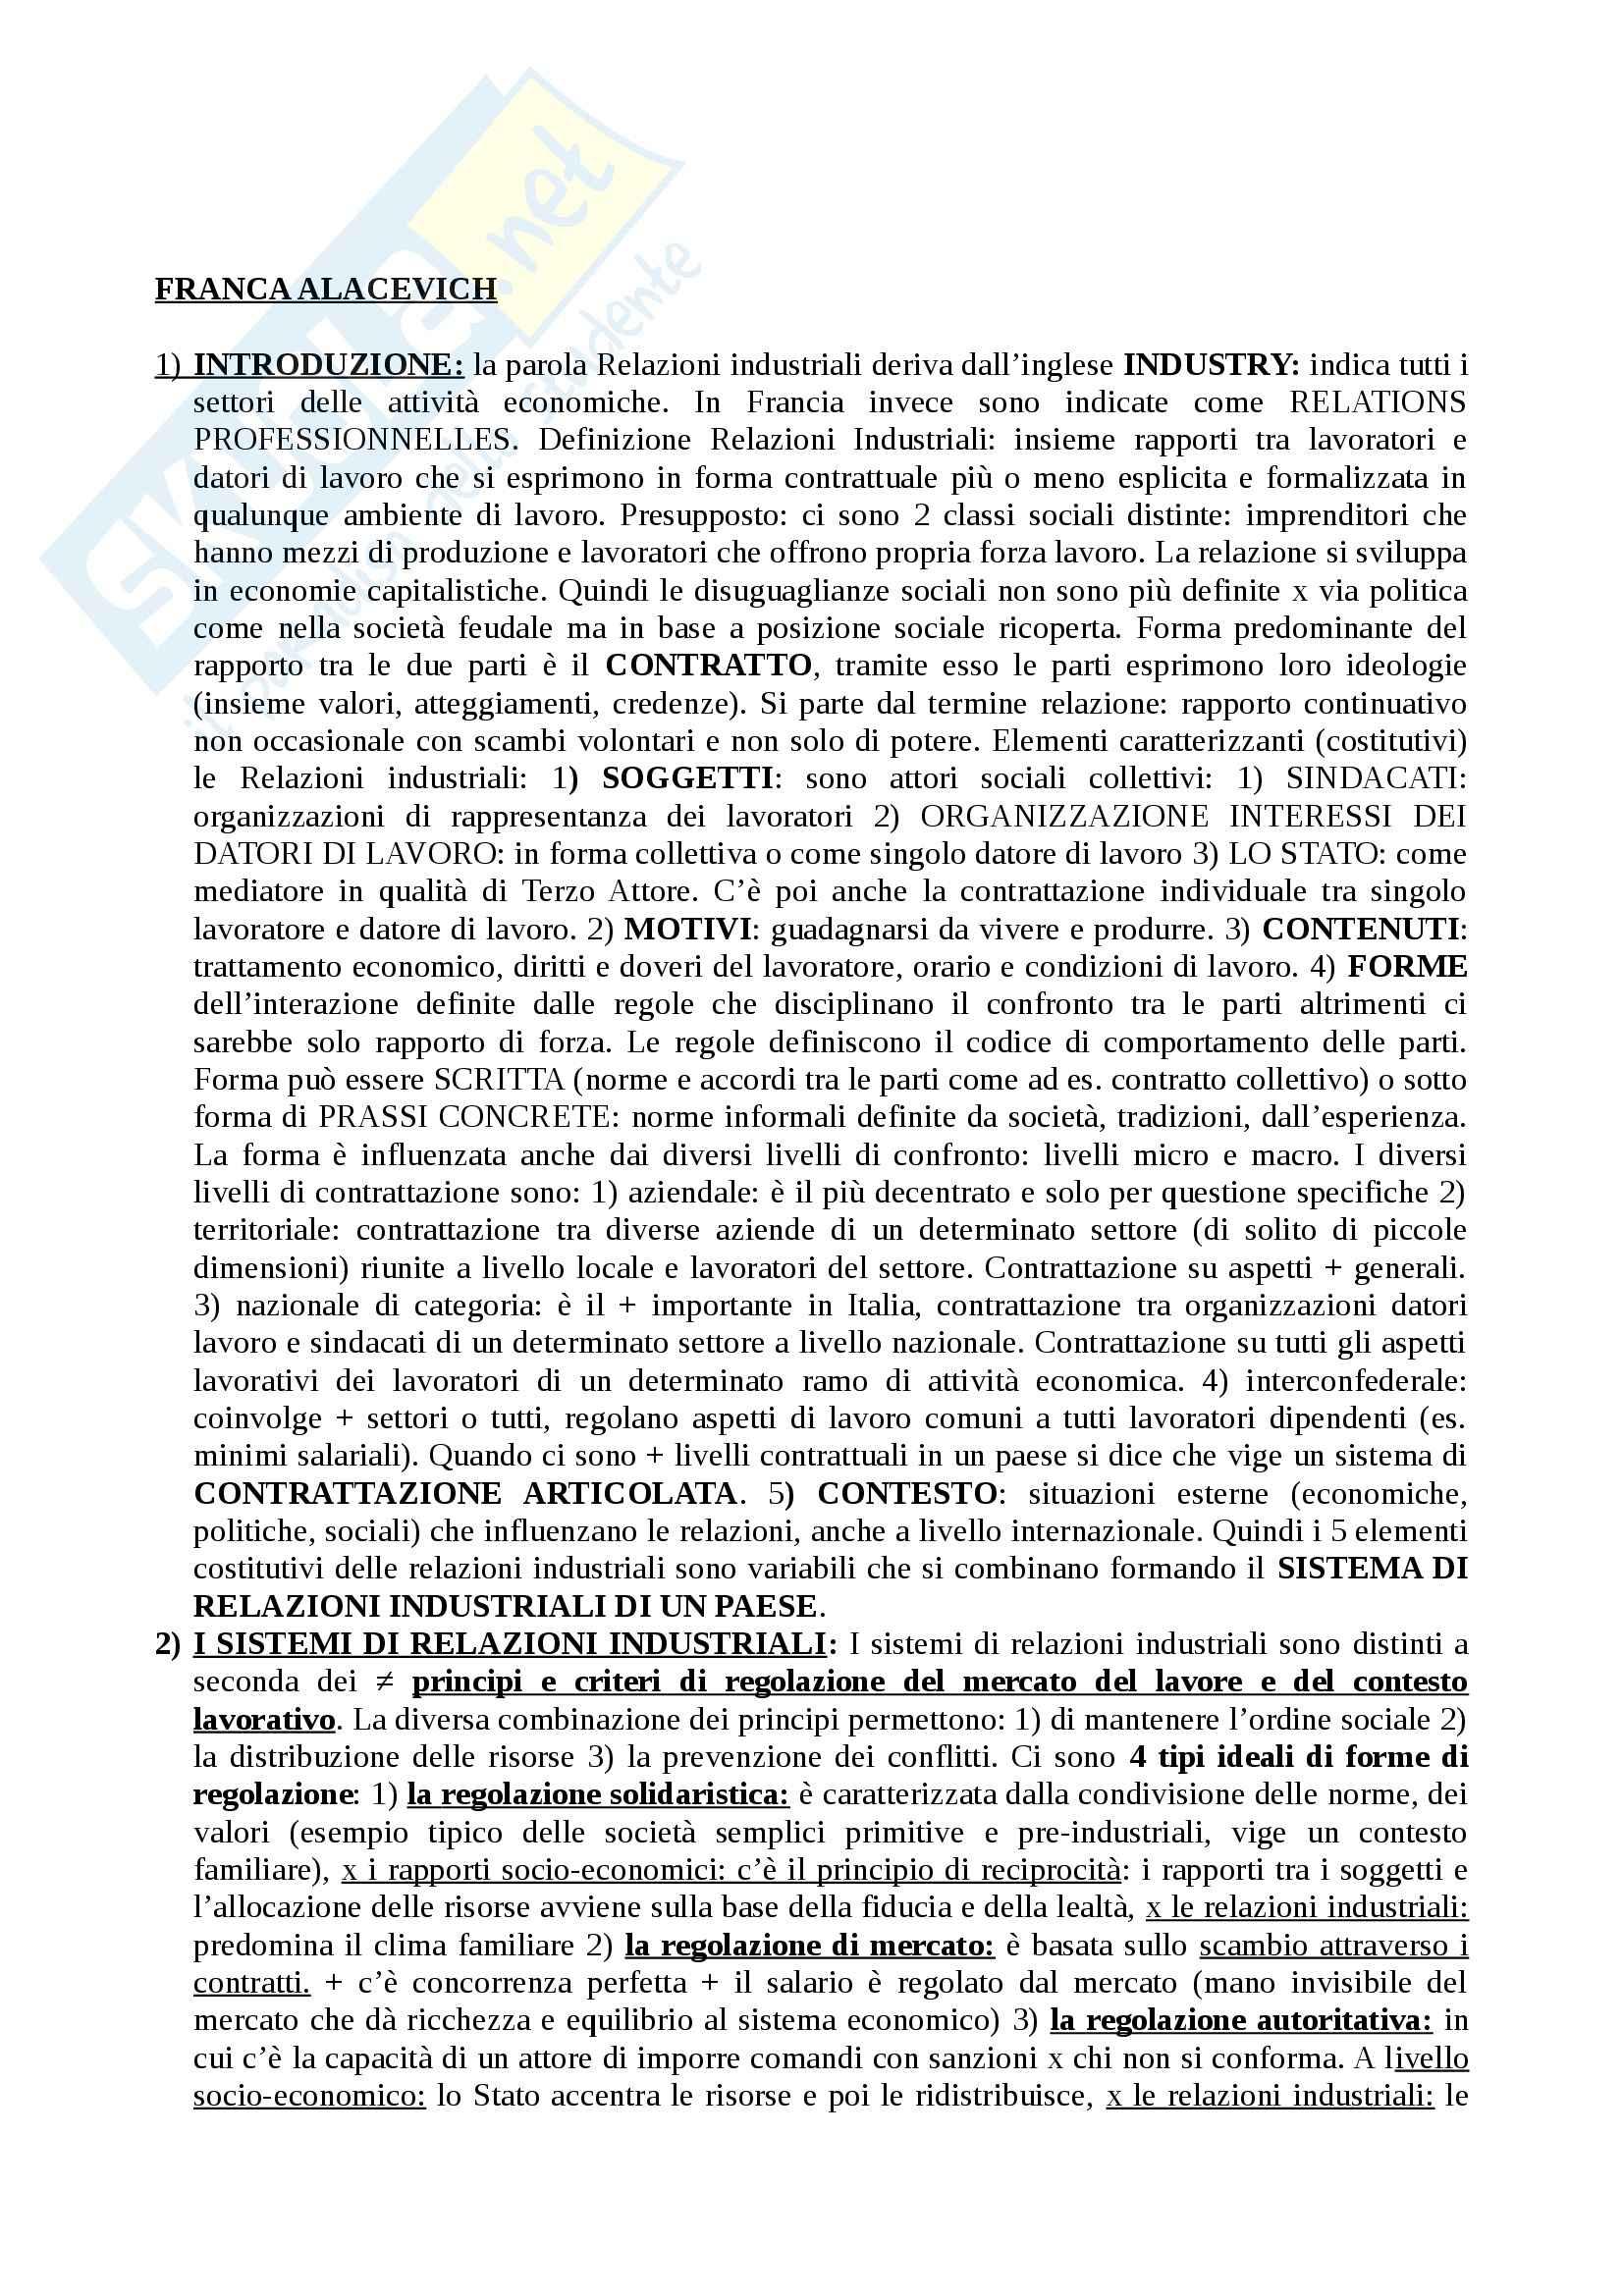 appunto F. Alacevich Sociologia del lavoro e delle relazioni industriali